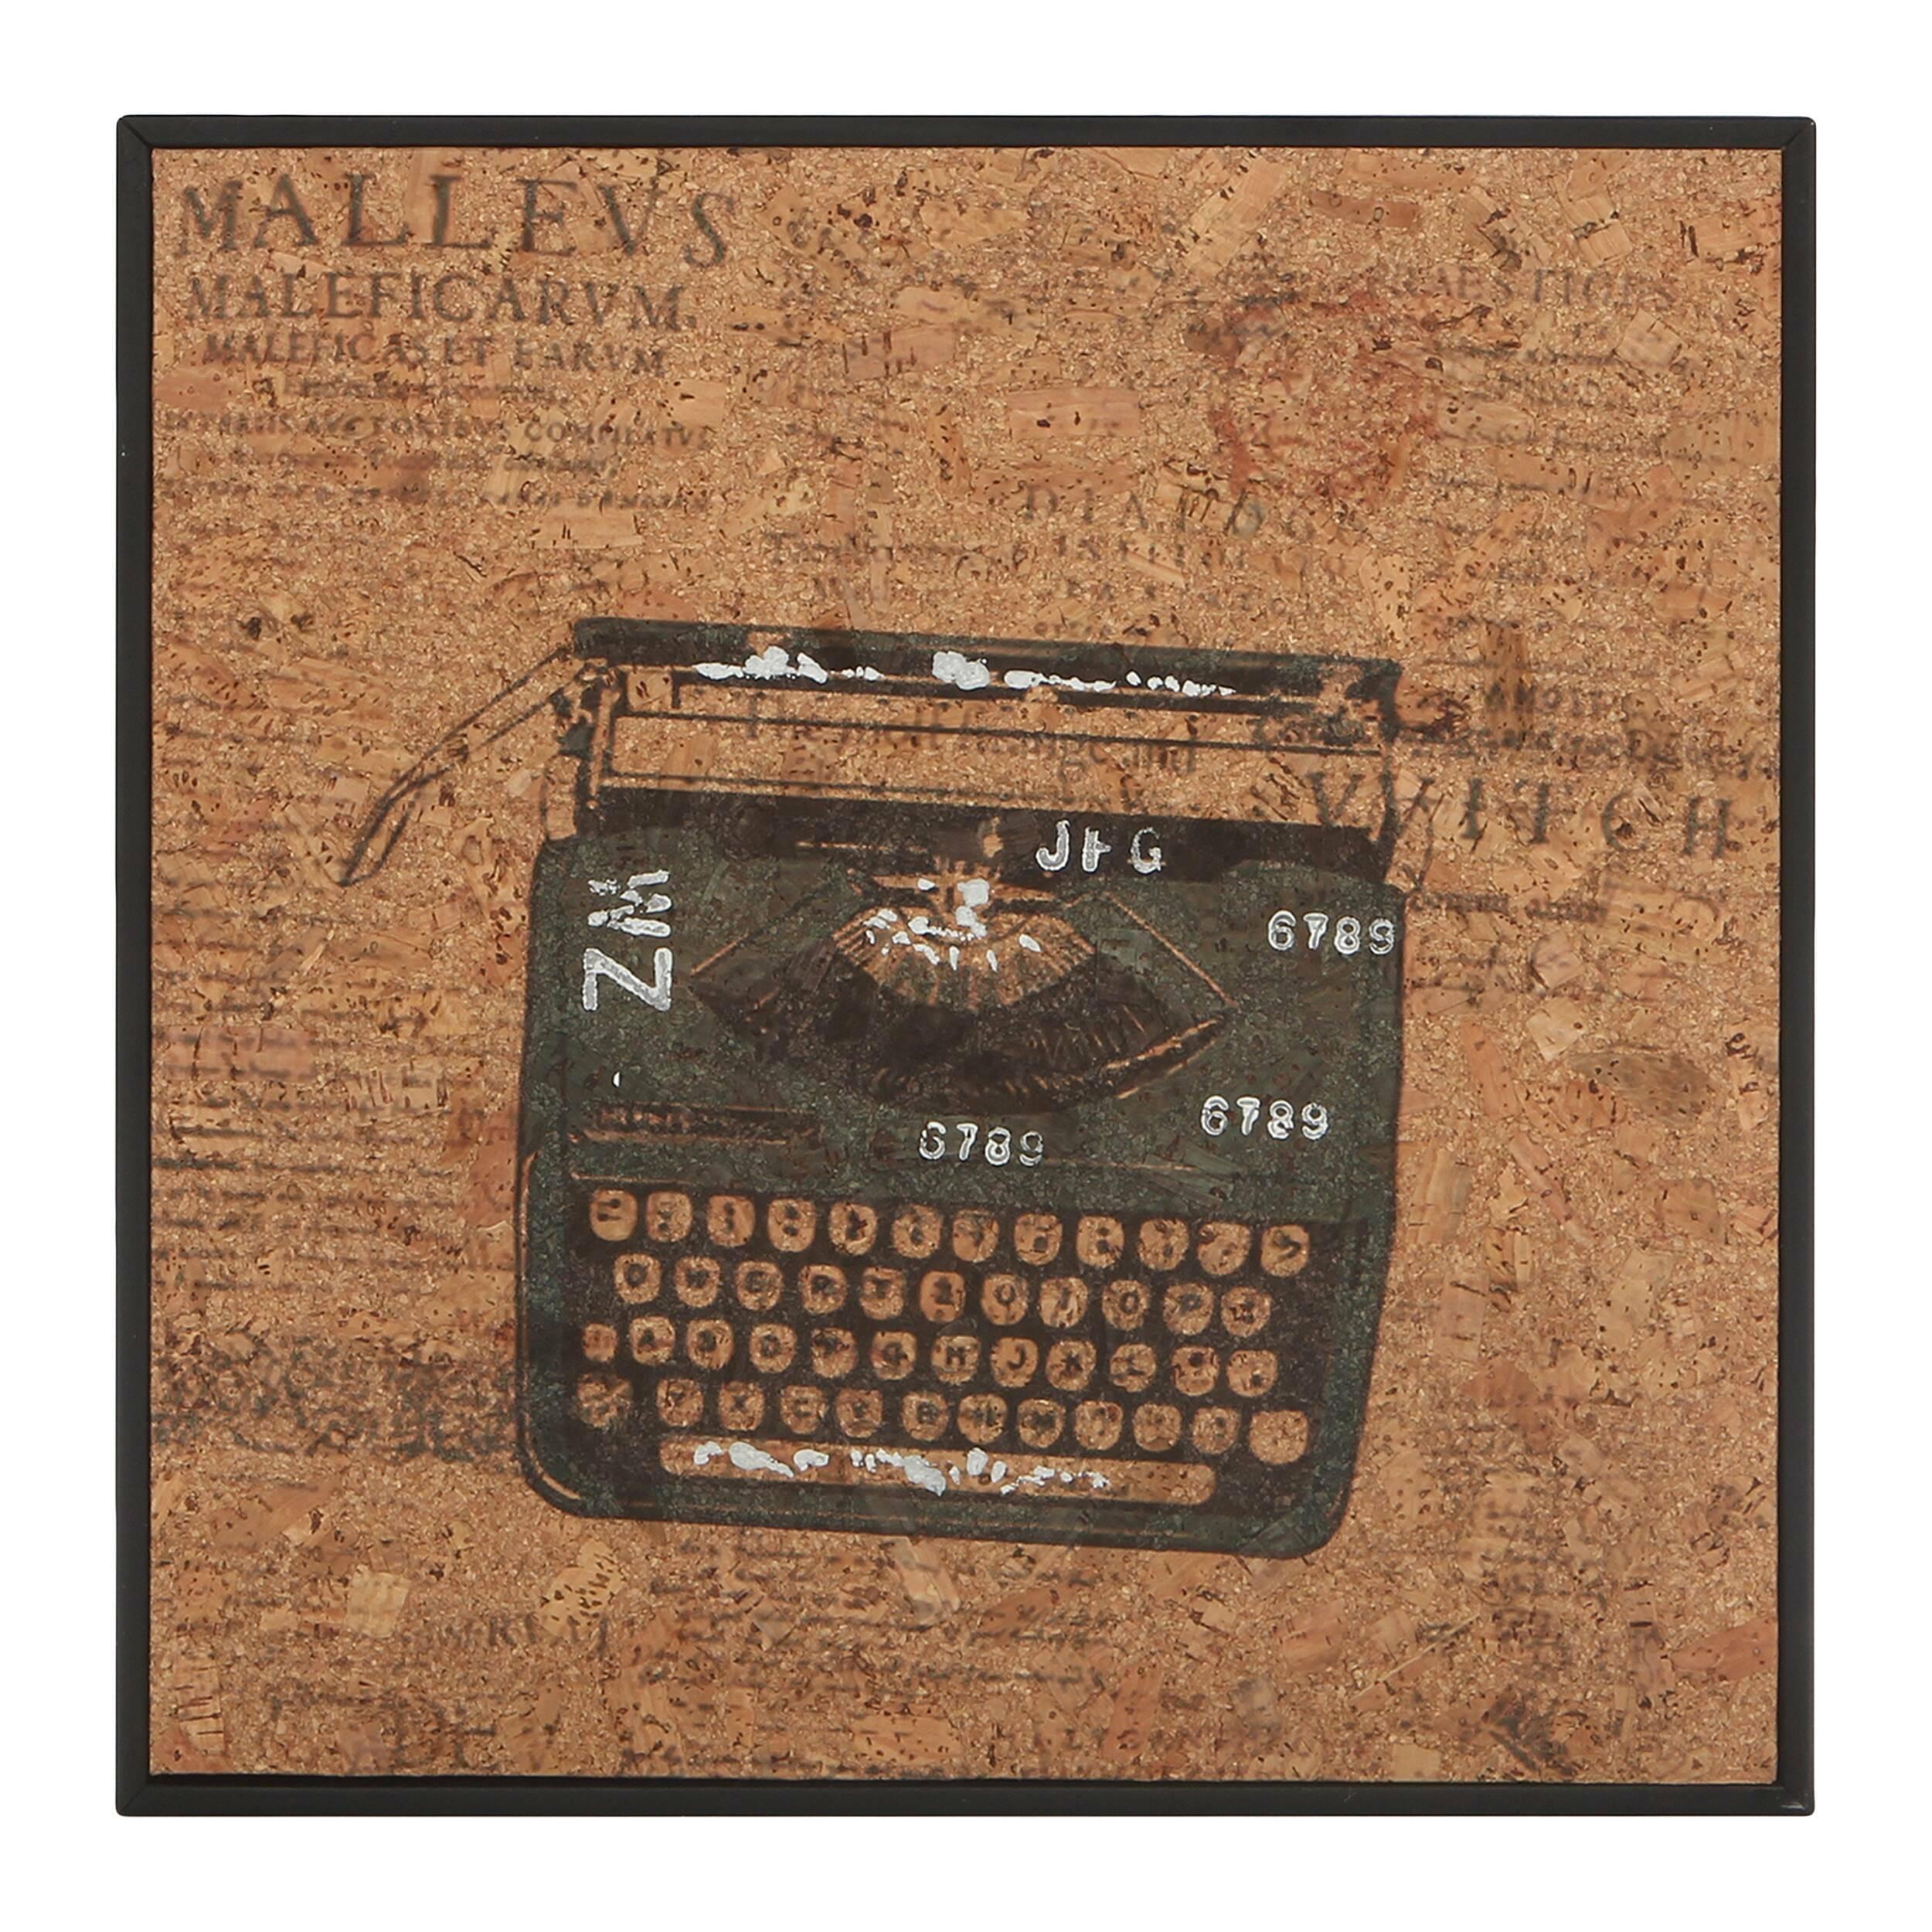 Картина TypewriterКартины<br>Когда вся мебель размещена в интерьере, в ход идет декор. Именно он расставляет акценты и придает интерьеру характер. С картинами из коллекции Cork от компании Cosmo вы сумеете создать интерьер своей мечты — яркий и атмосферный. <br> <br> Картина Typewriter (в переводе c английского «печатная машинка») — модель с изображением пишущей машинки. Если вам близка богемная романтика и вы натура творческая, то вам непременно понравится каждая из моделей коллекции. Надписи, разбитые на колонки в газетном...<br><br>stock: 8<br>Ширина: 32<br>Материал: Роспись по дереву<br>Длина: 32